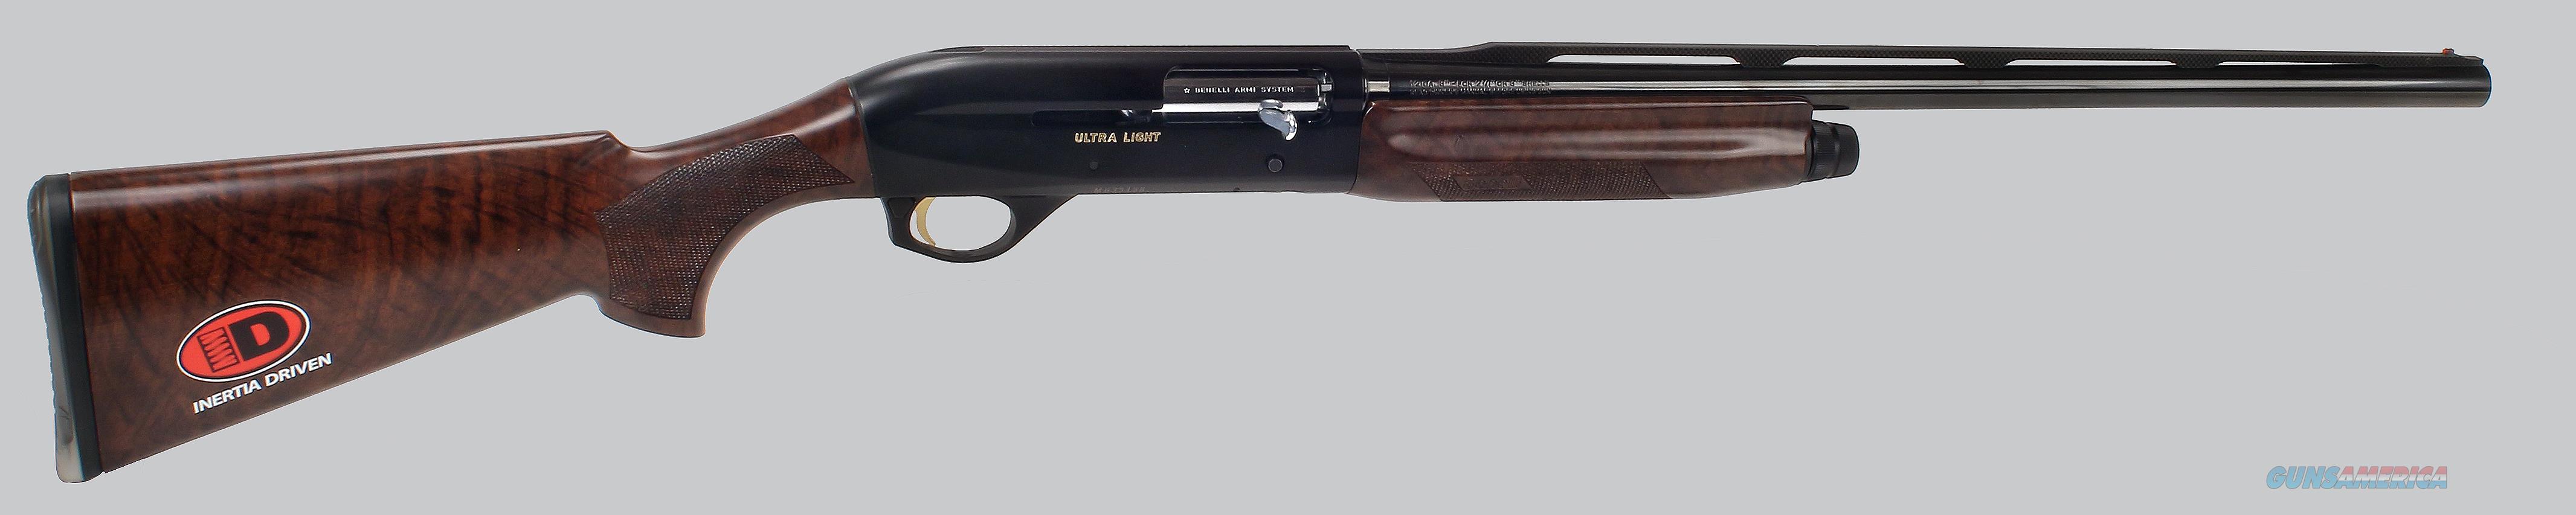 Benelli Ultra Light 12ga Pump Shotgun  Guns > Shotguns > Benelli Shotguns > Sporting